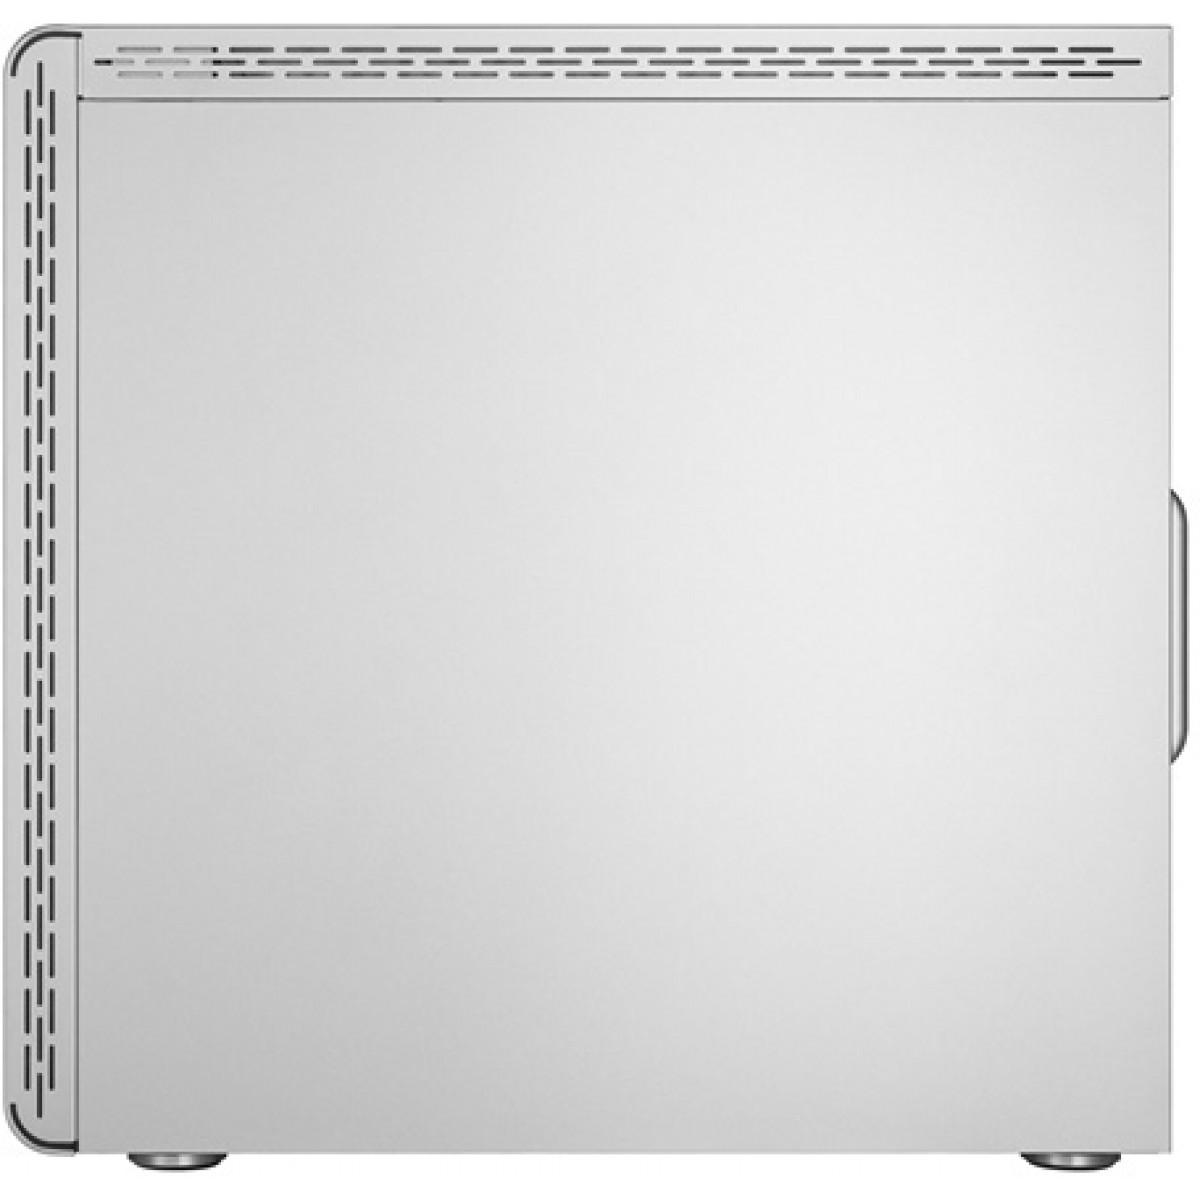 Gabinete Gamer Cooler Master MasterBox MS600, Mid Tower, Com 1 Fan, Vidro Temperado, Silver, S-Fonte, MCB-MS600-SGNN-S00